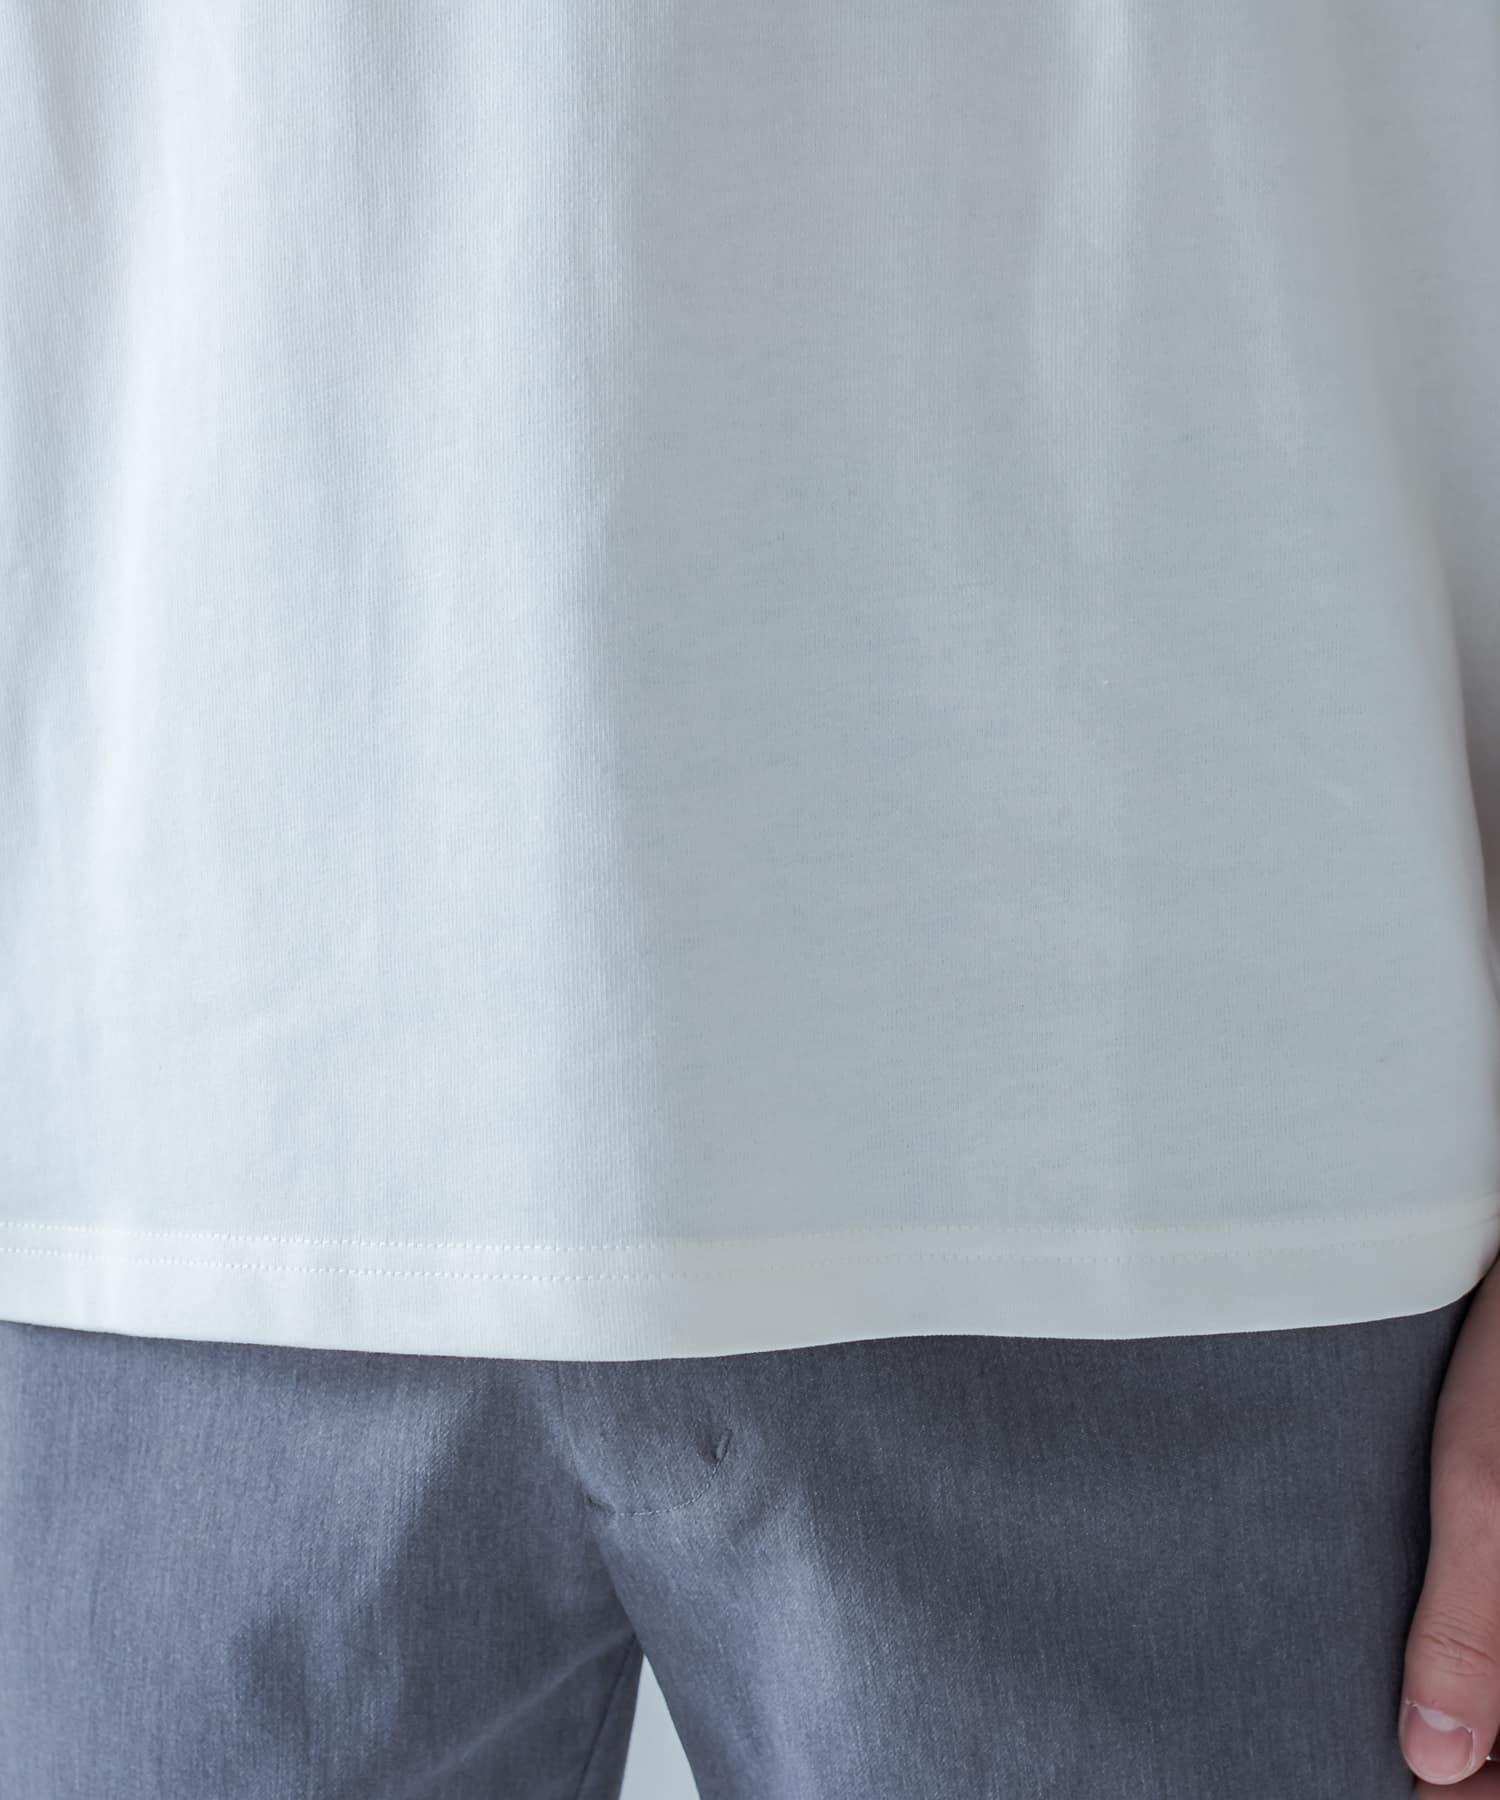 Discoat(ディスコート) 【NIKE/ナイキ】 NSW MOZE TO ZERO H S/STシャツ